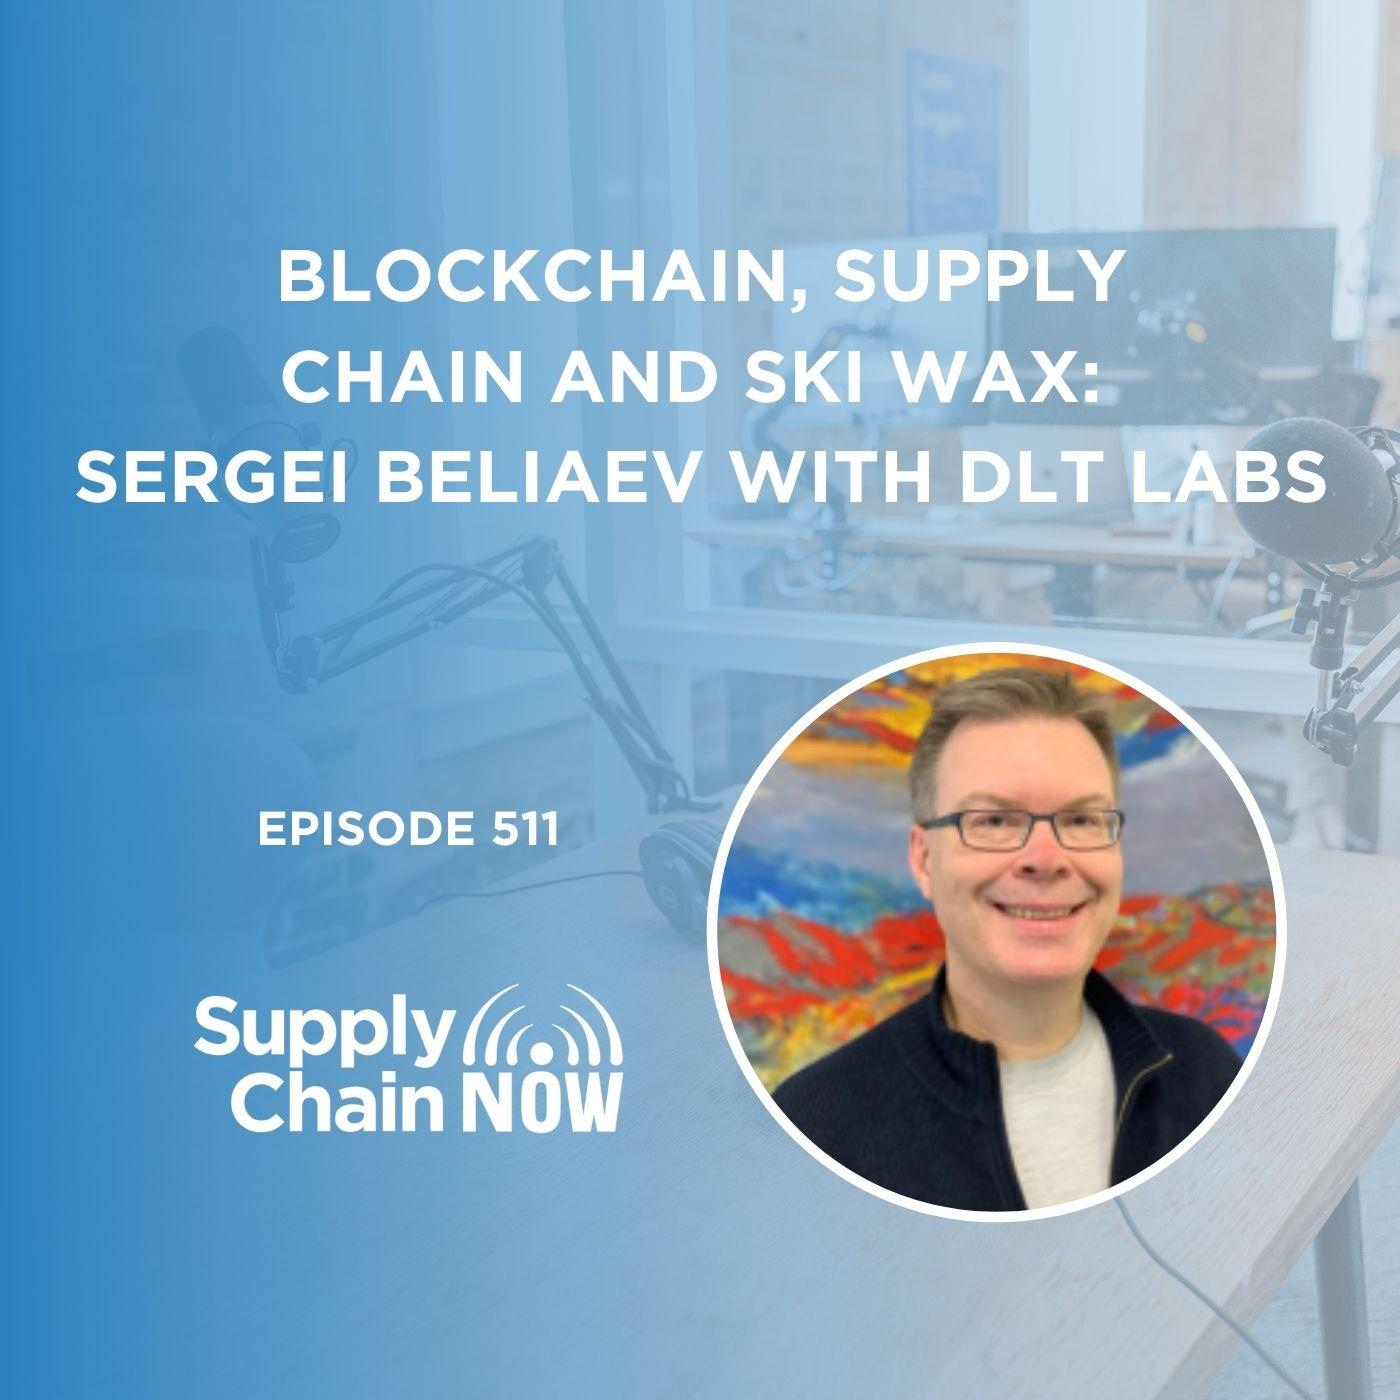 Blockchain, Supply Chain, & Ski Wax: Sergei Beliaev with DLT Labs